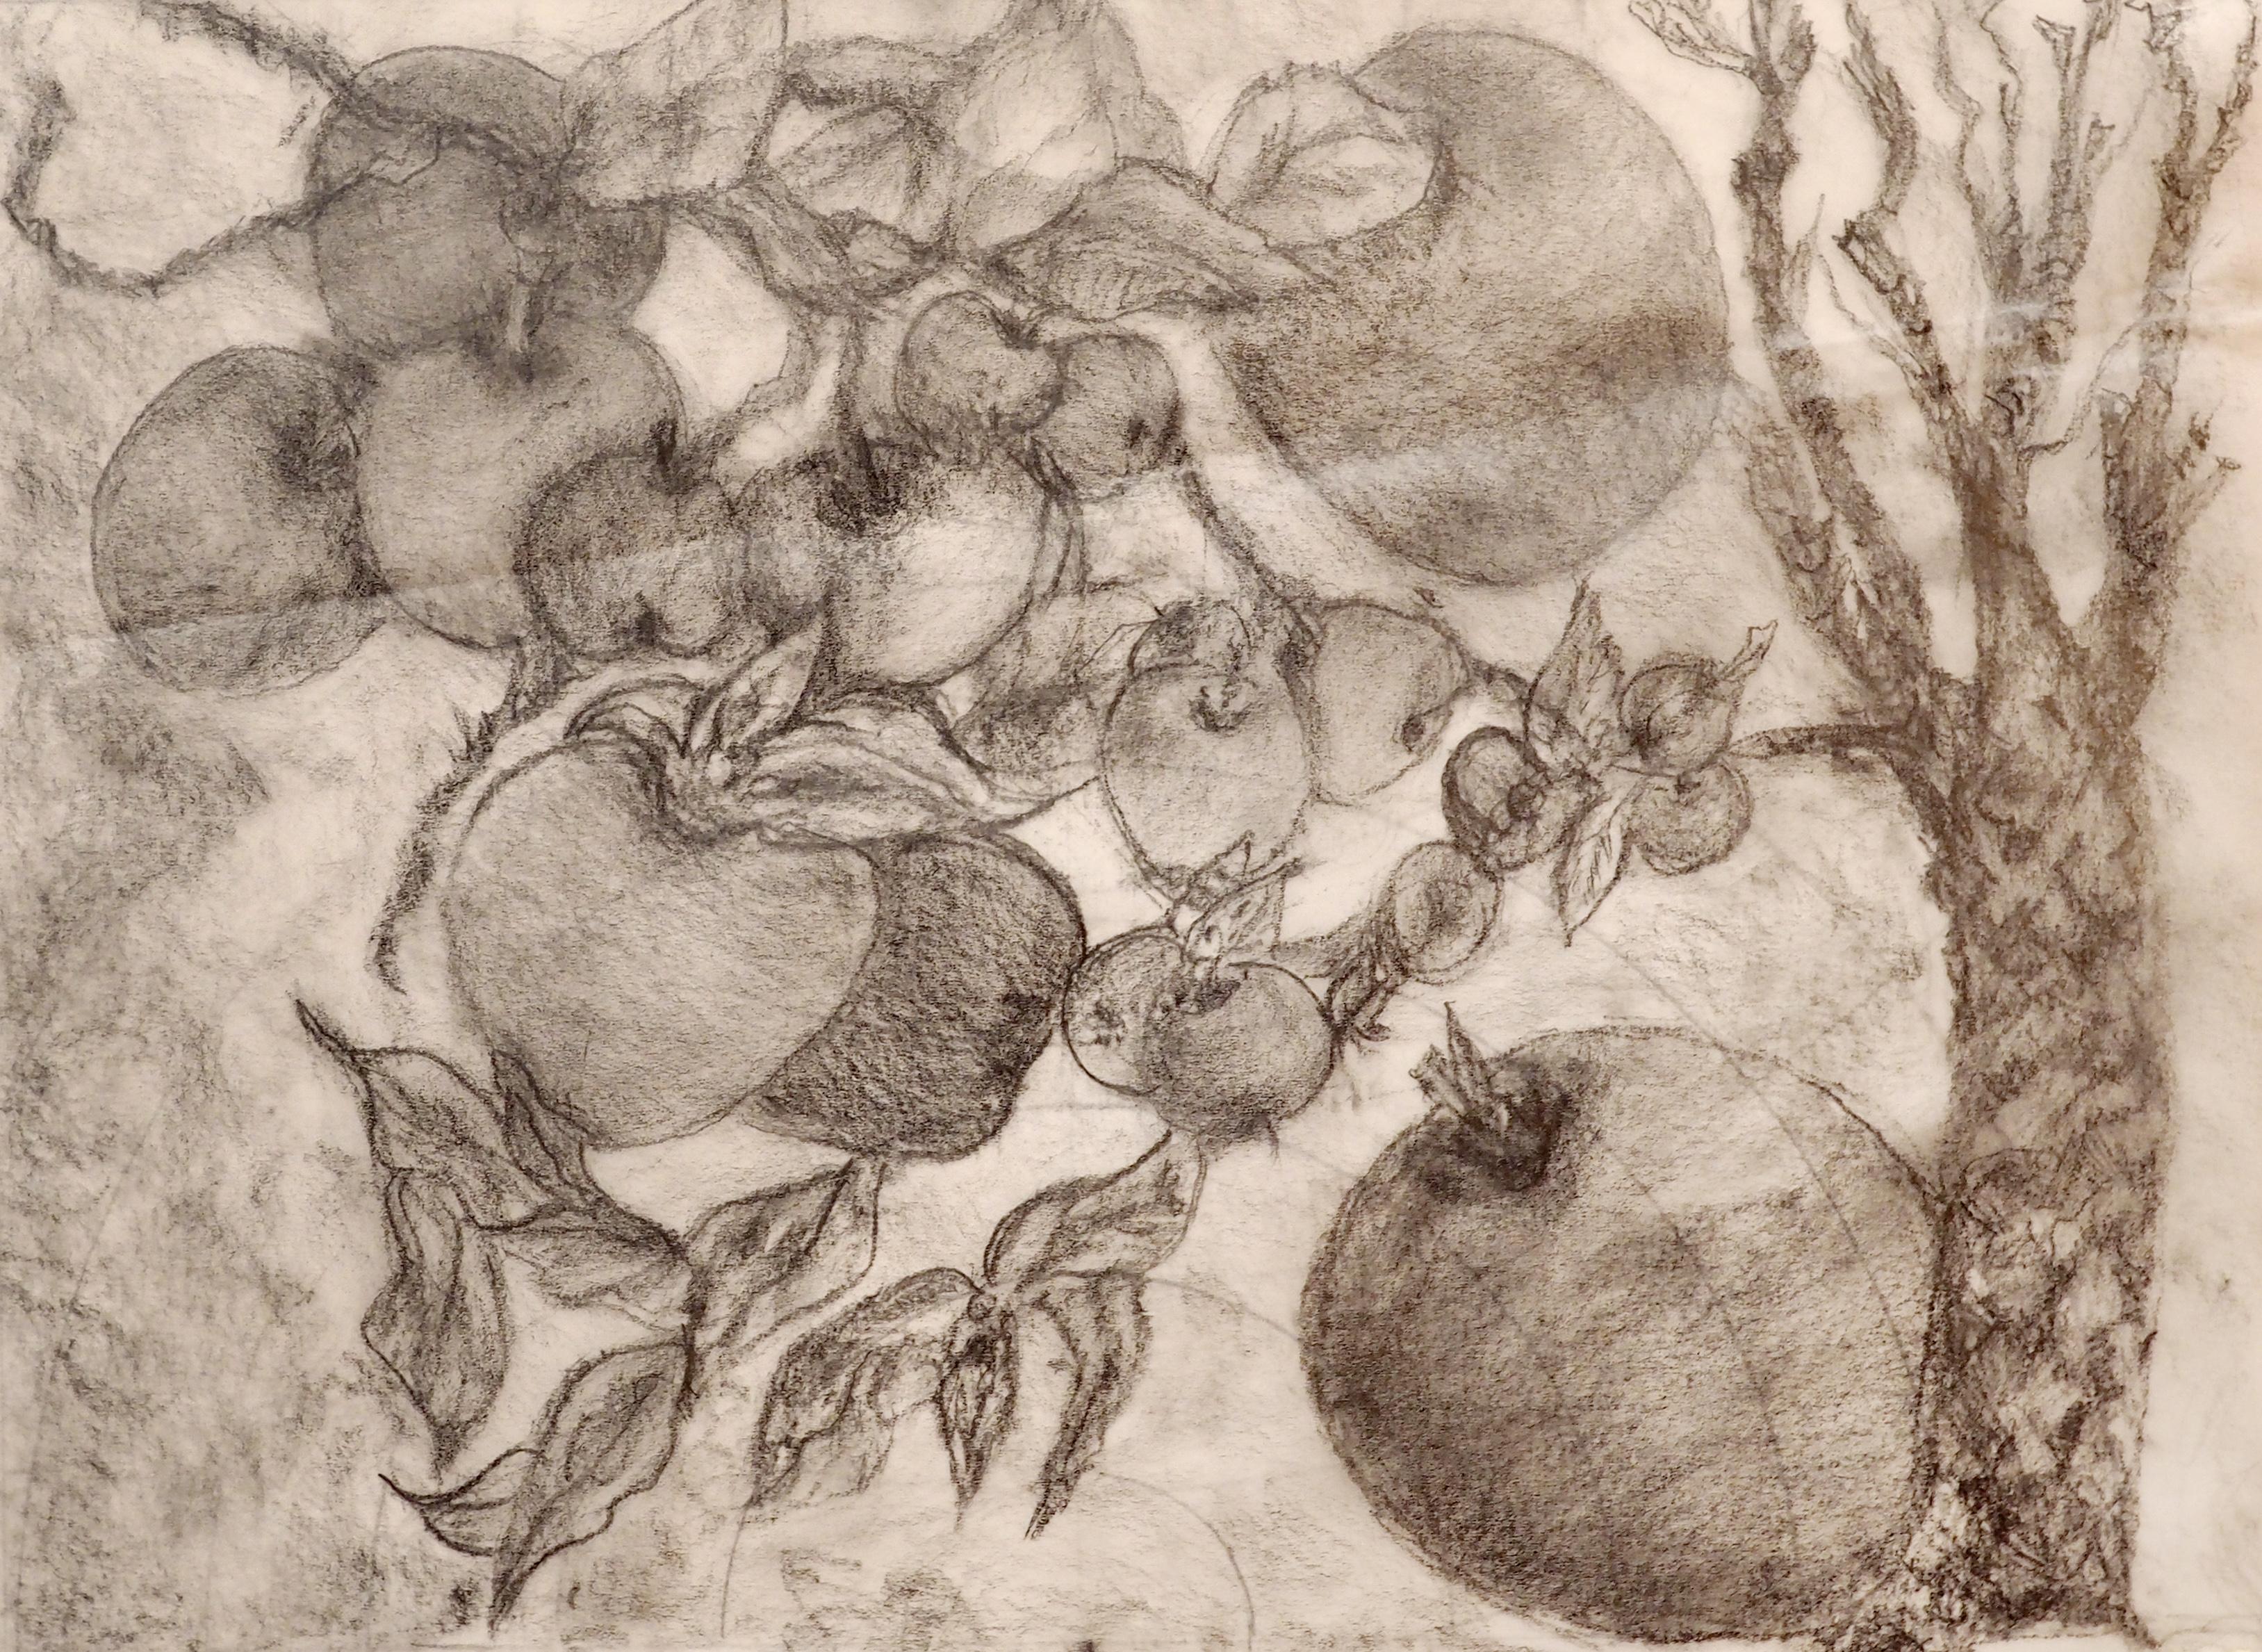 Manuela Gilieron, crayon, 18x24